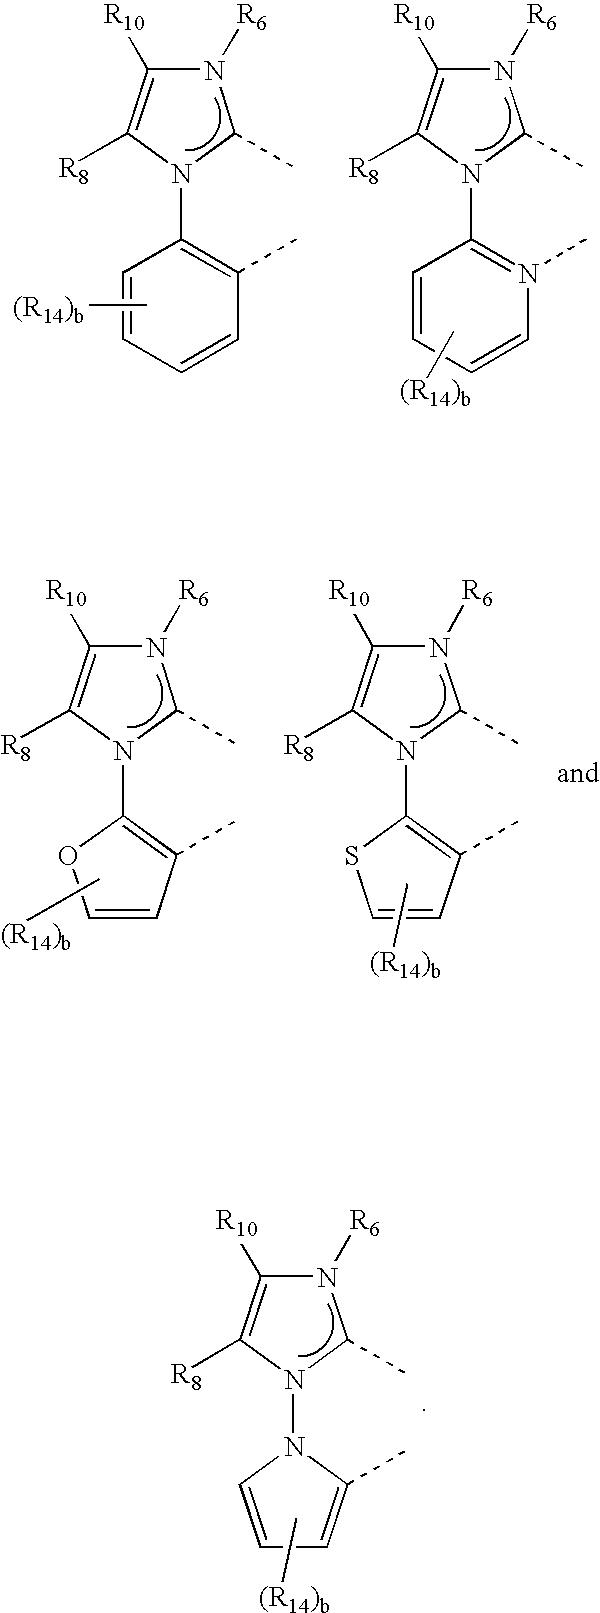 Figure US20050260441A1-20051124-C00076